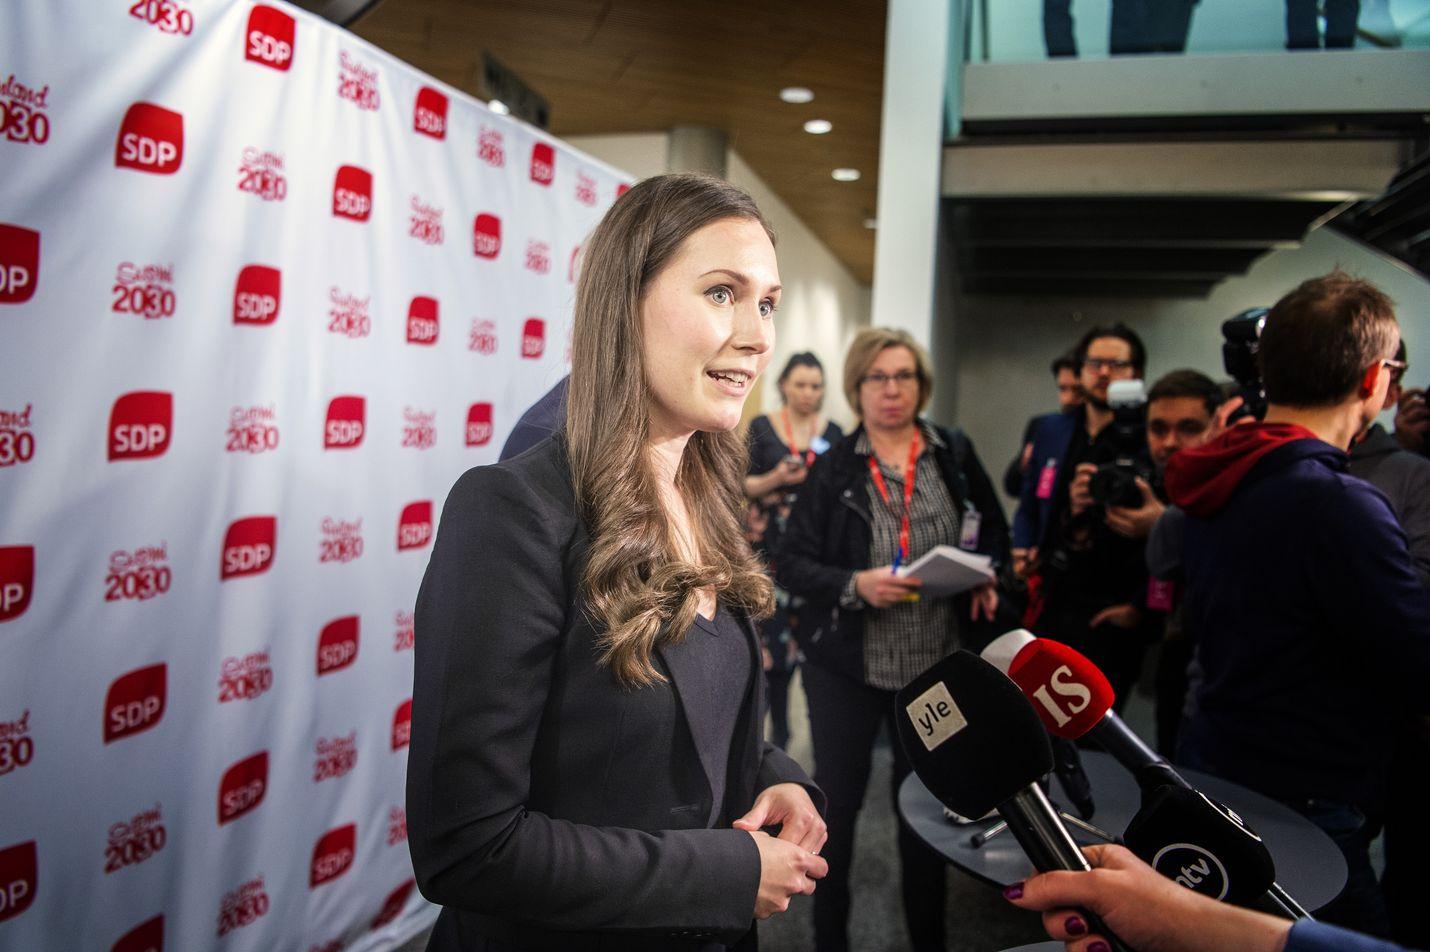 Sanna Marinin nousu Suomen pääministeriksi herättää myös kansainvälistä huomiota.